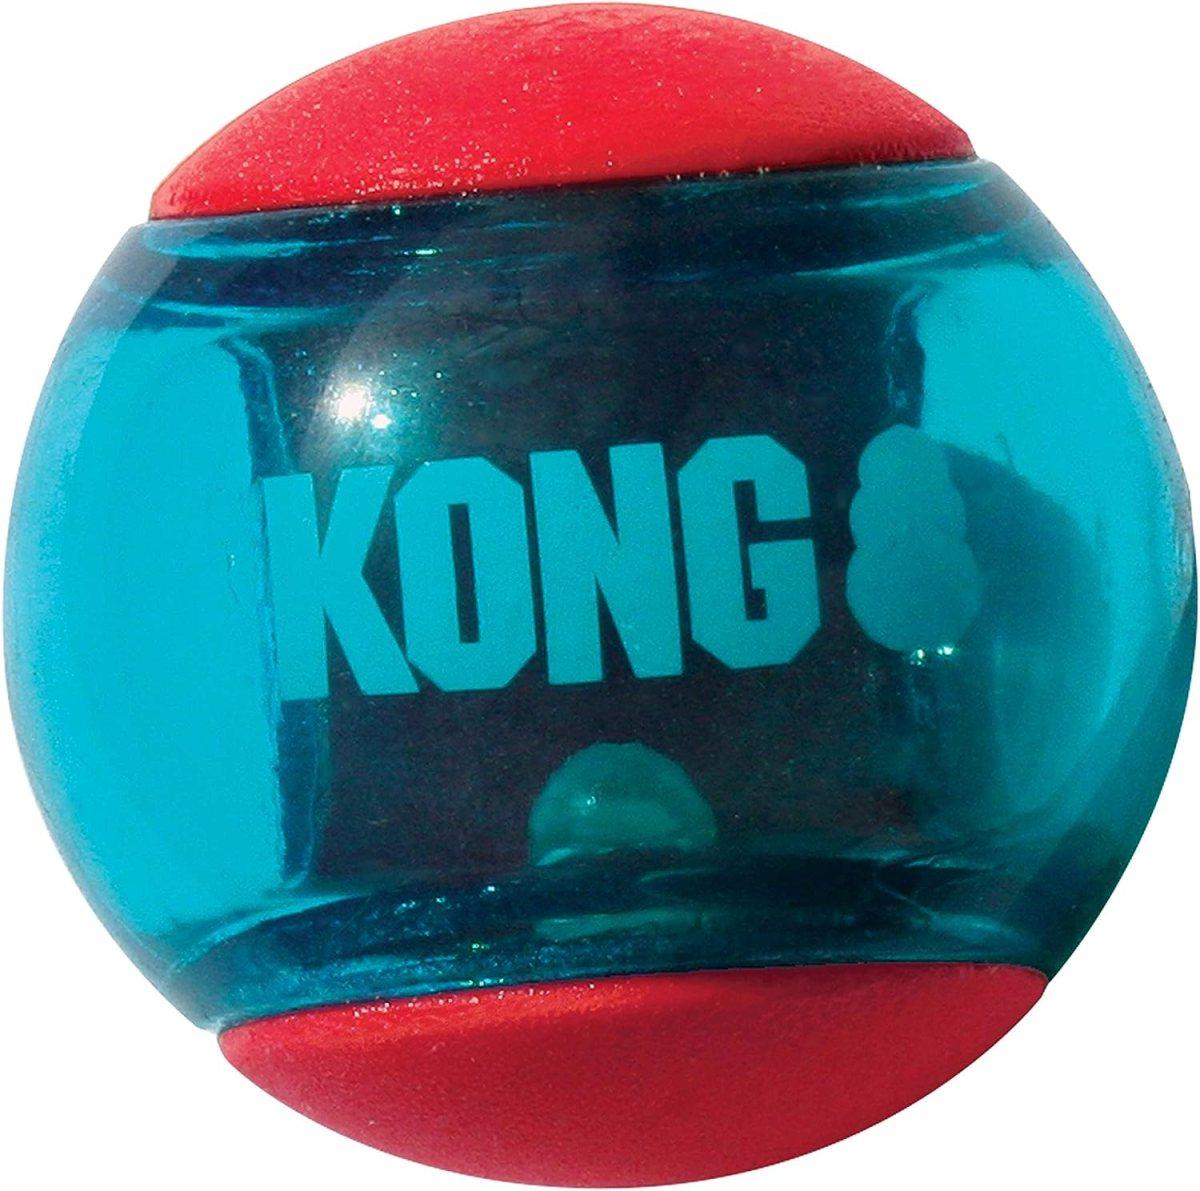 KONG - Squeezz Action Ball - Juguete sonoro para buscar con textura - Raza grande (rojo)